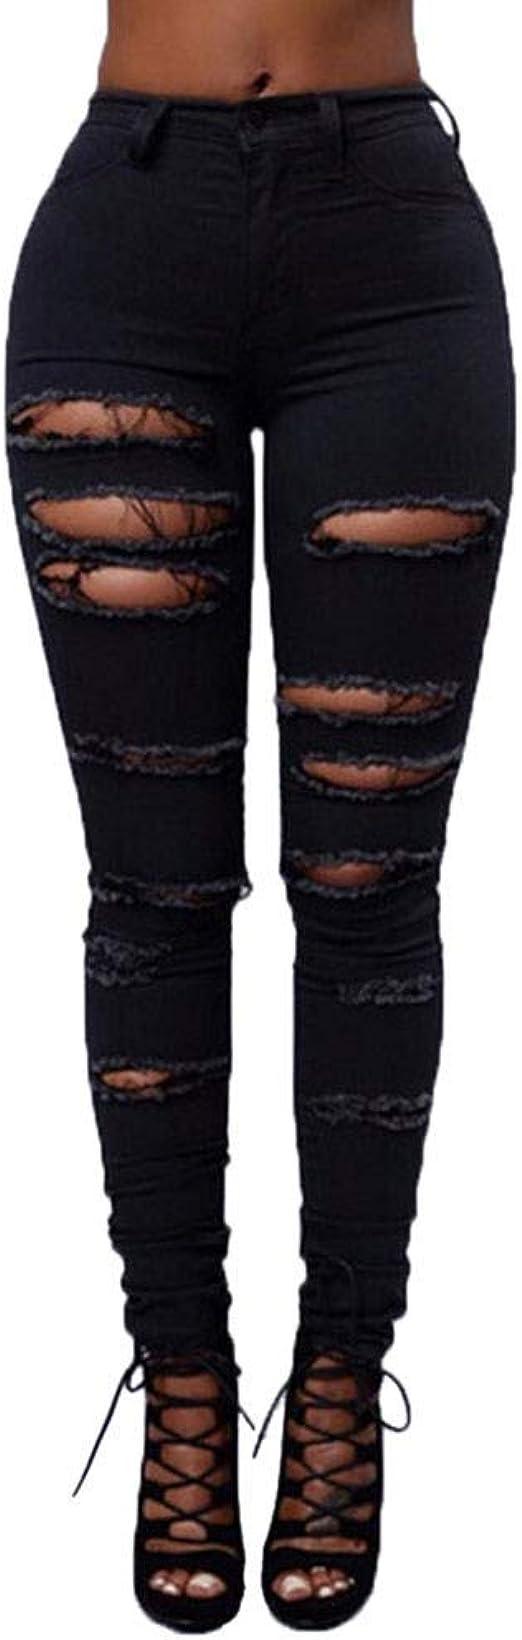 HX fashion レディースミッドウエストスキニーホールデニムジーンズストレッチスリムパンツふくらはぎ丈ジーンズファッション2019婦人服